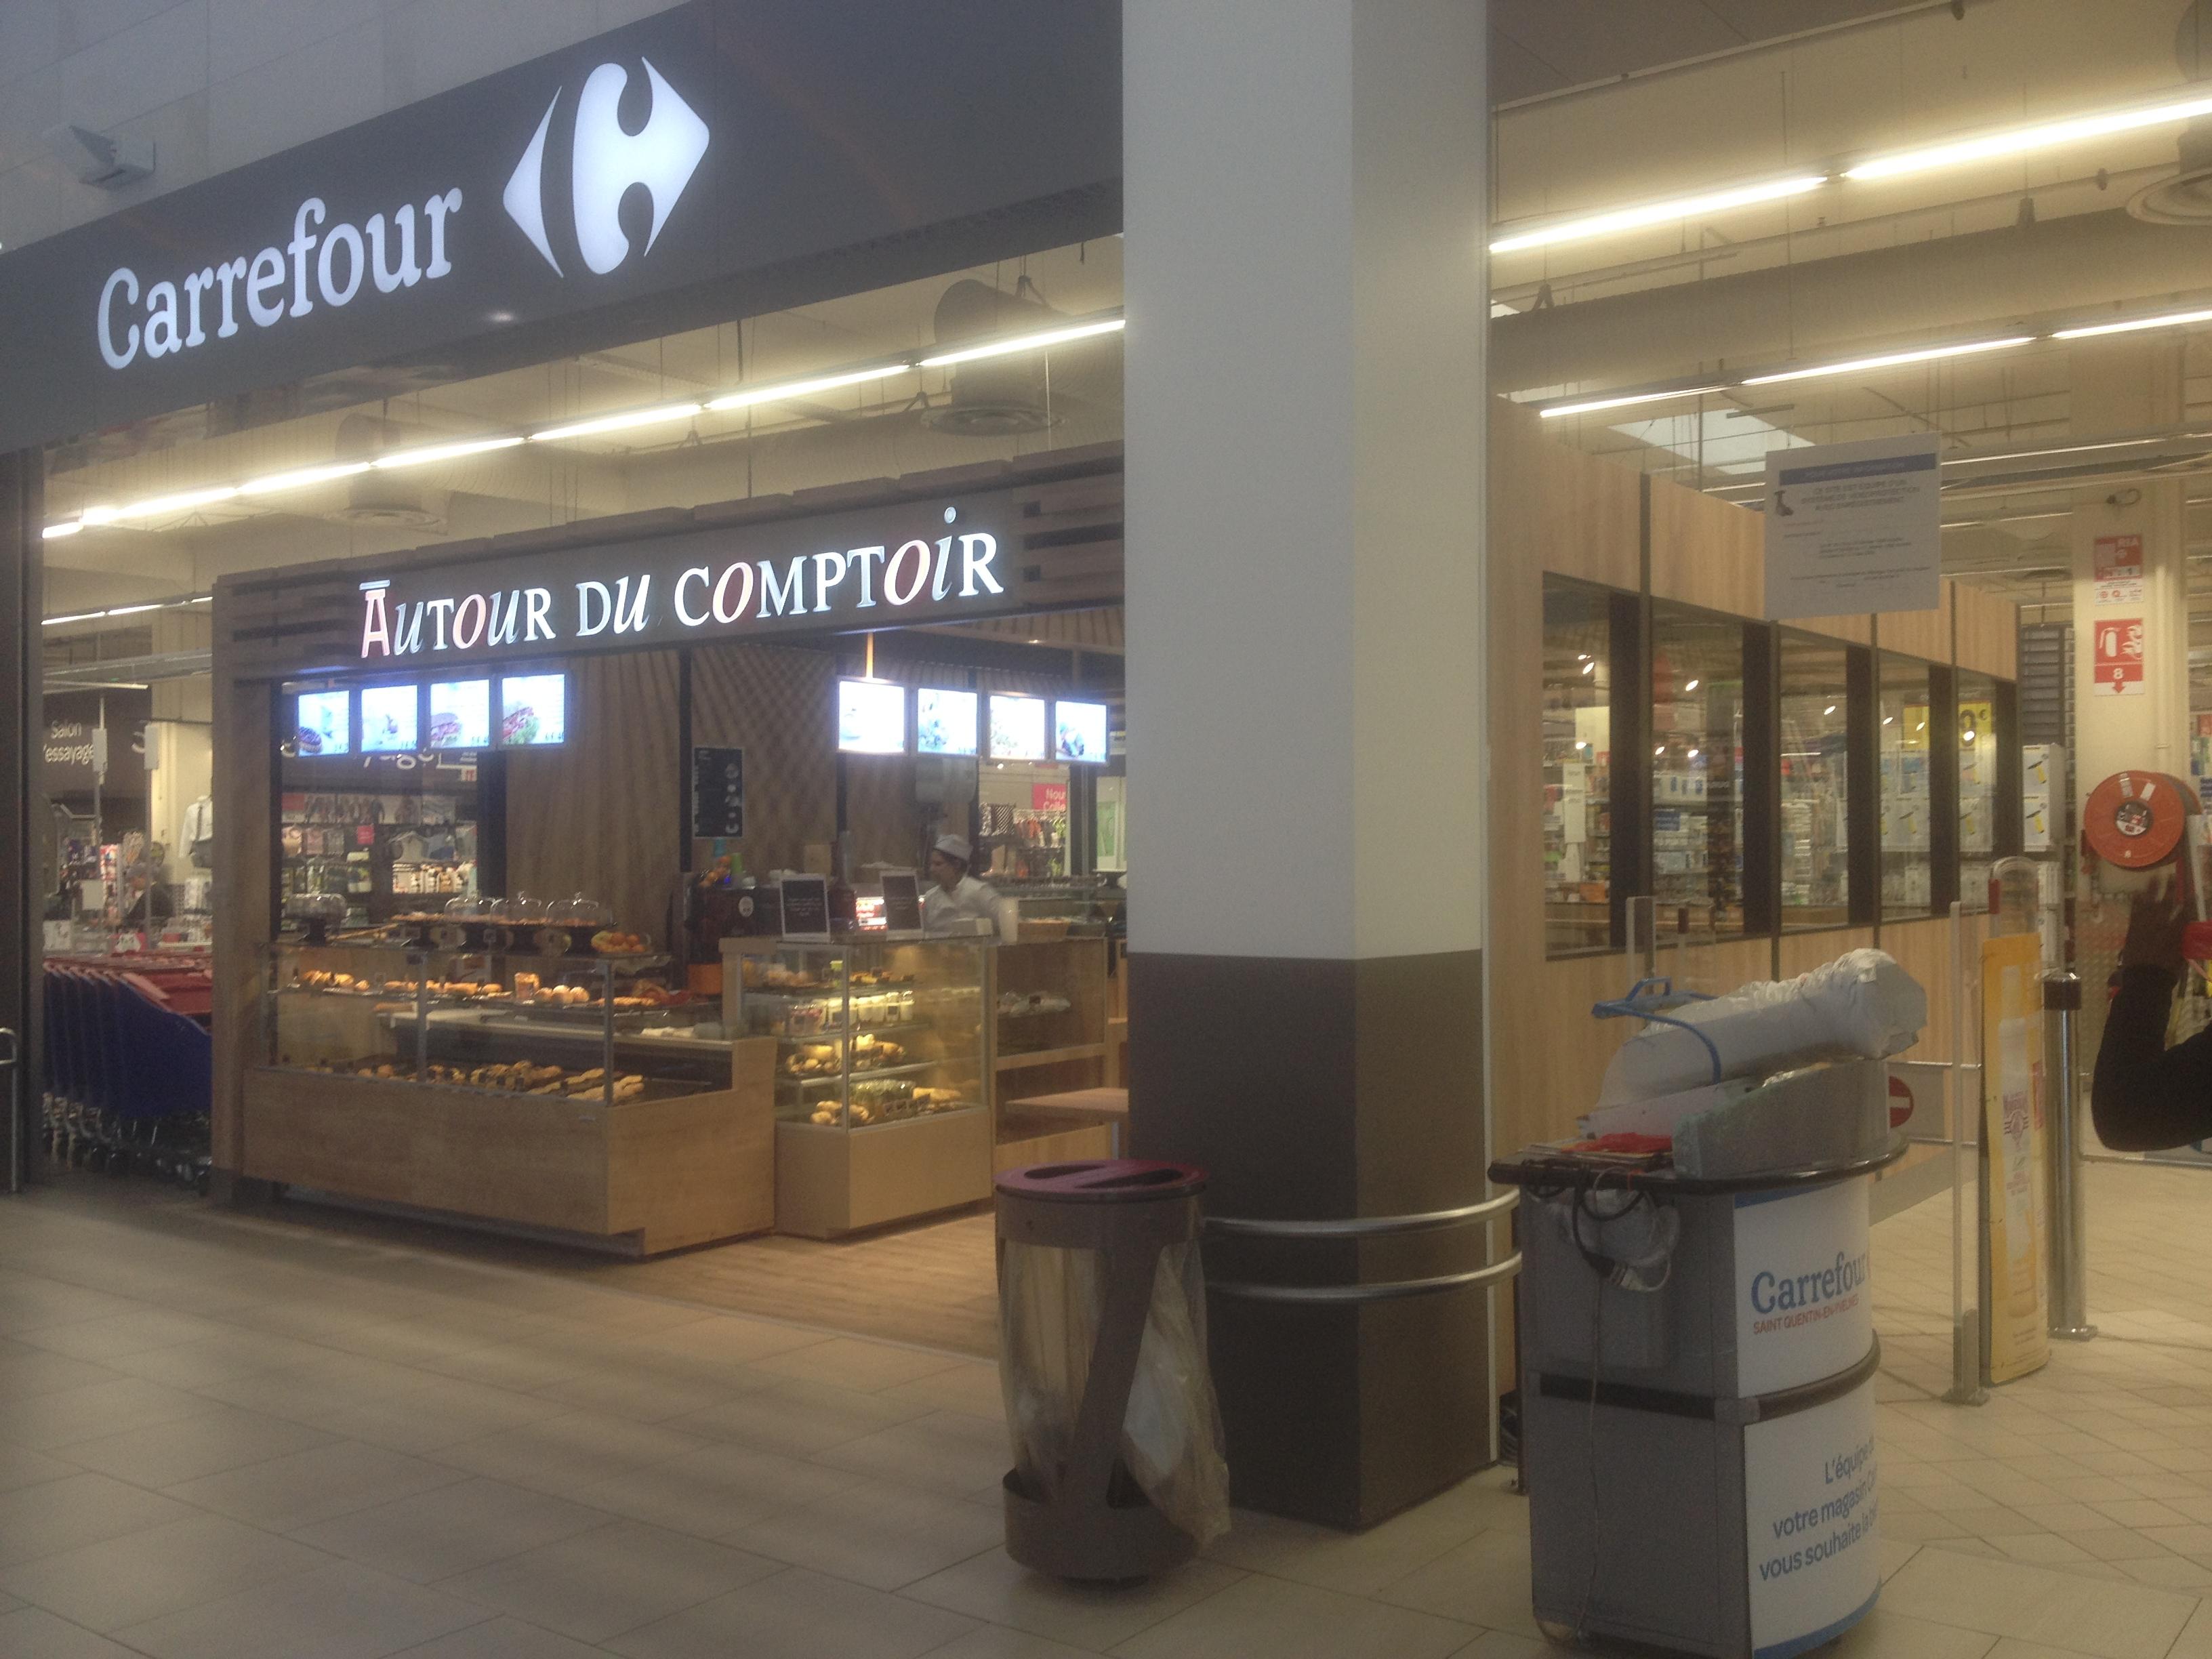 AUTOUR DU COMPTOIR - ST QUENTIN